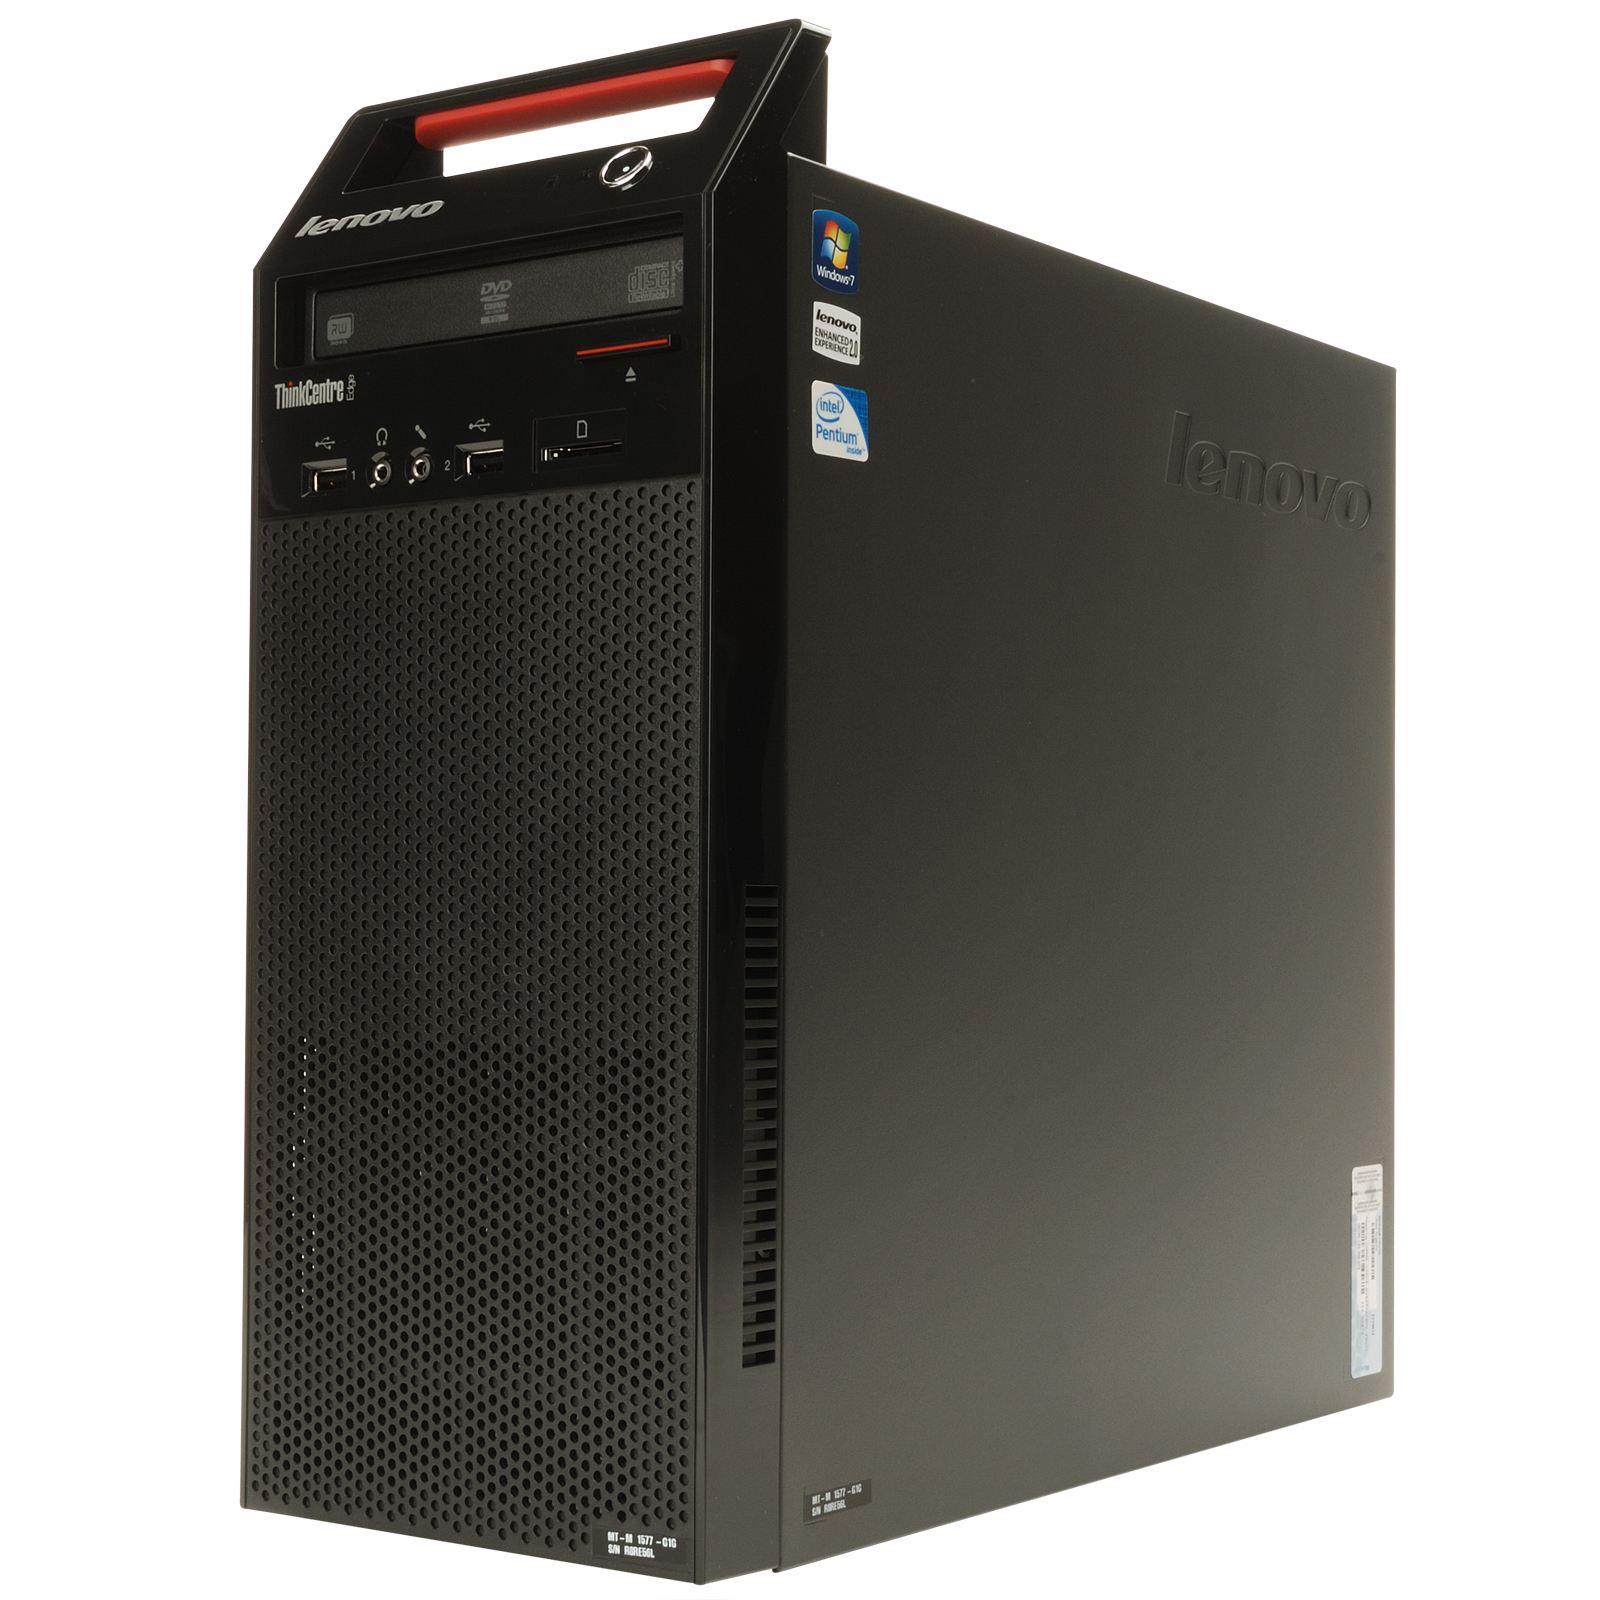 Máy Tính Để Bàn PC Lenovo V520 (10NKA00DVA) G4560